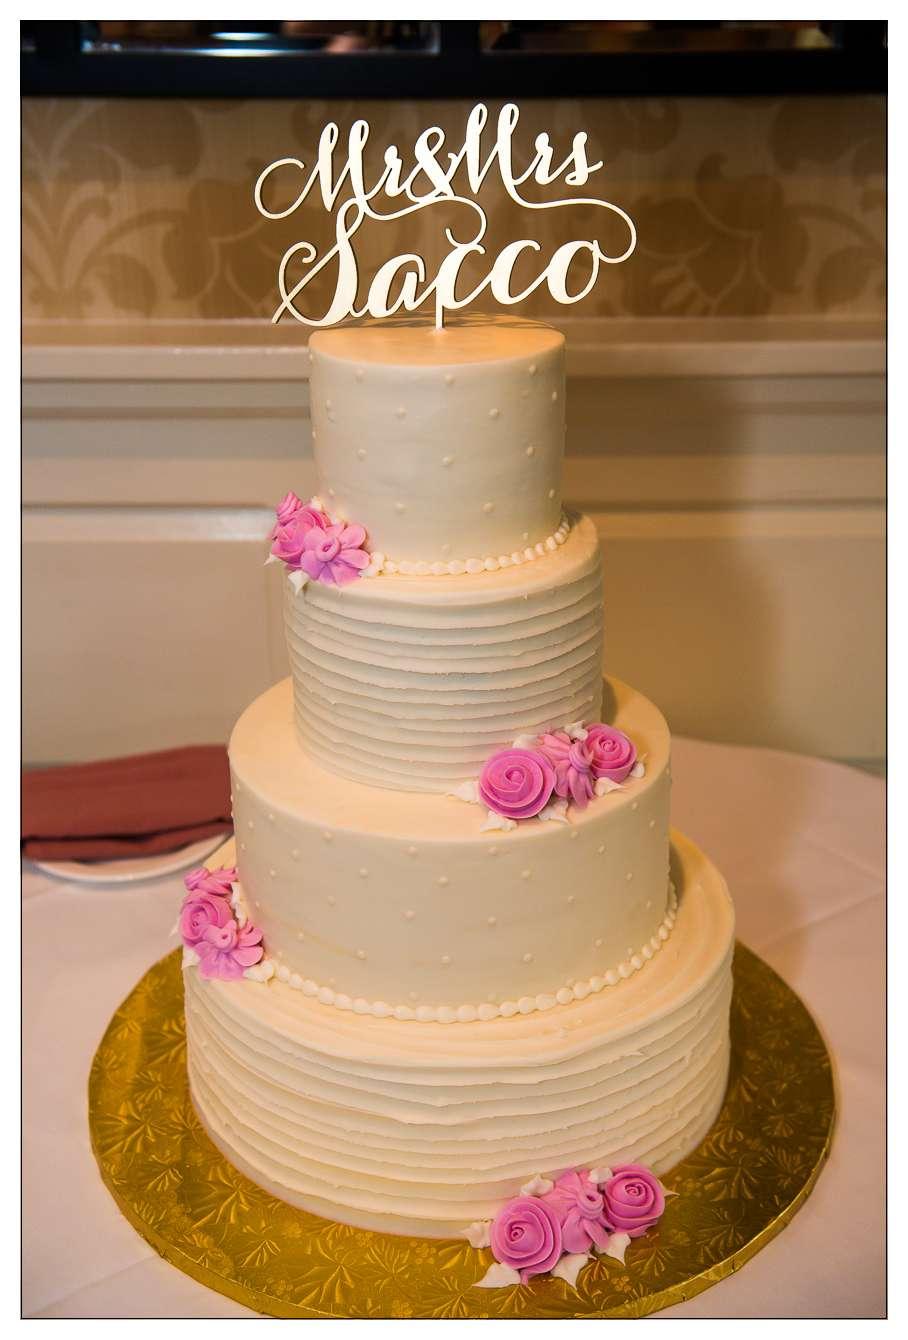 Sacco_web-025.jpg